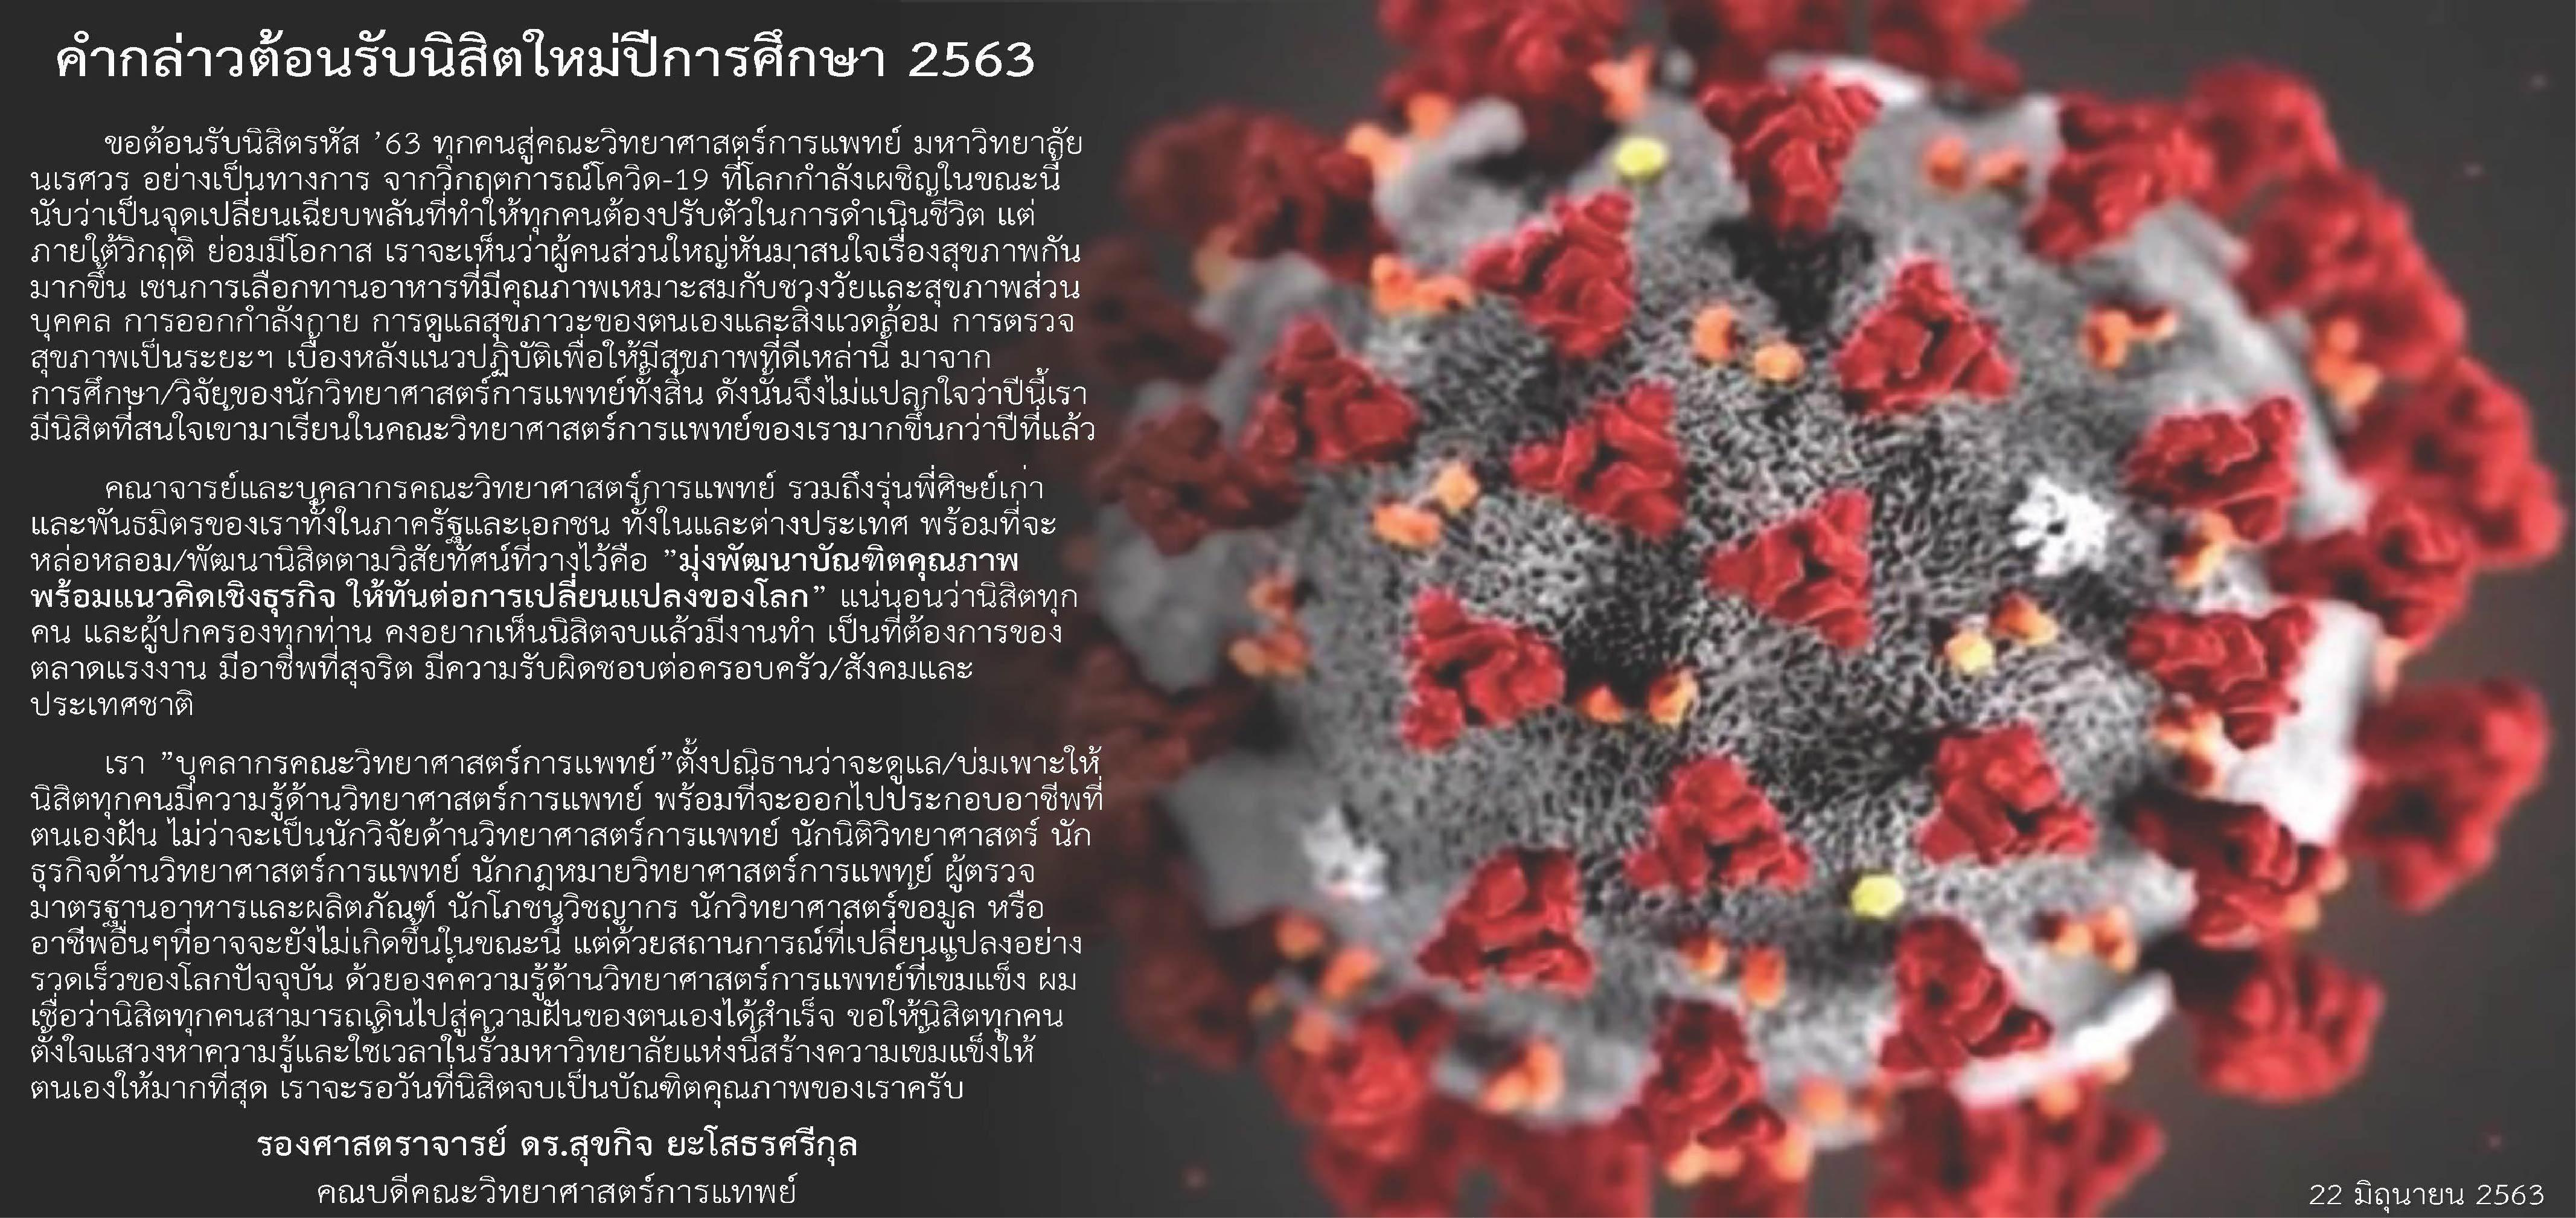 คำกล่าวต้อนรับนิสิตใหม่ปีการศึกษา 2563